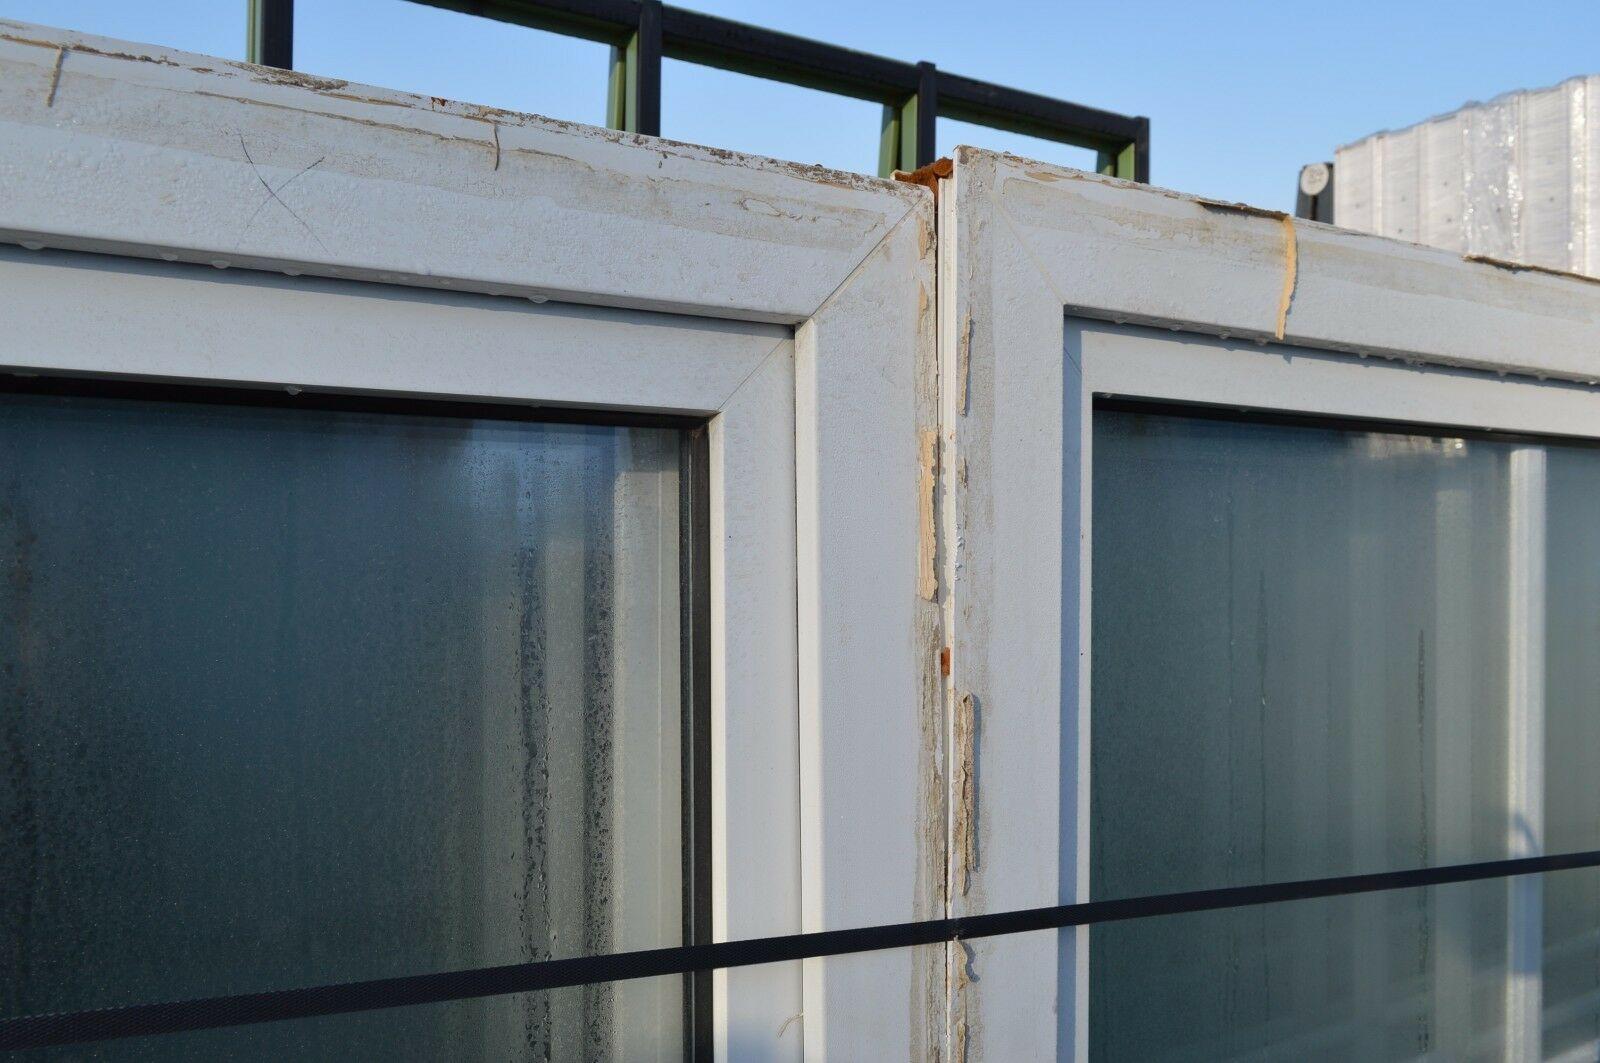 Full Size of Gebrauchte Fenster Mit Sprossen Holzfenster Regal Schreibtisch Betten Bettkasten Küche Sideboard Arbeitsplatte L Sofa Schlaffunktion Big Einbauküche E Wohnzimmer Gebrauchte Holzfenster Mit Sprossen